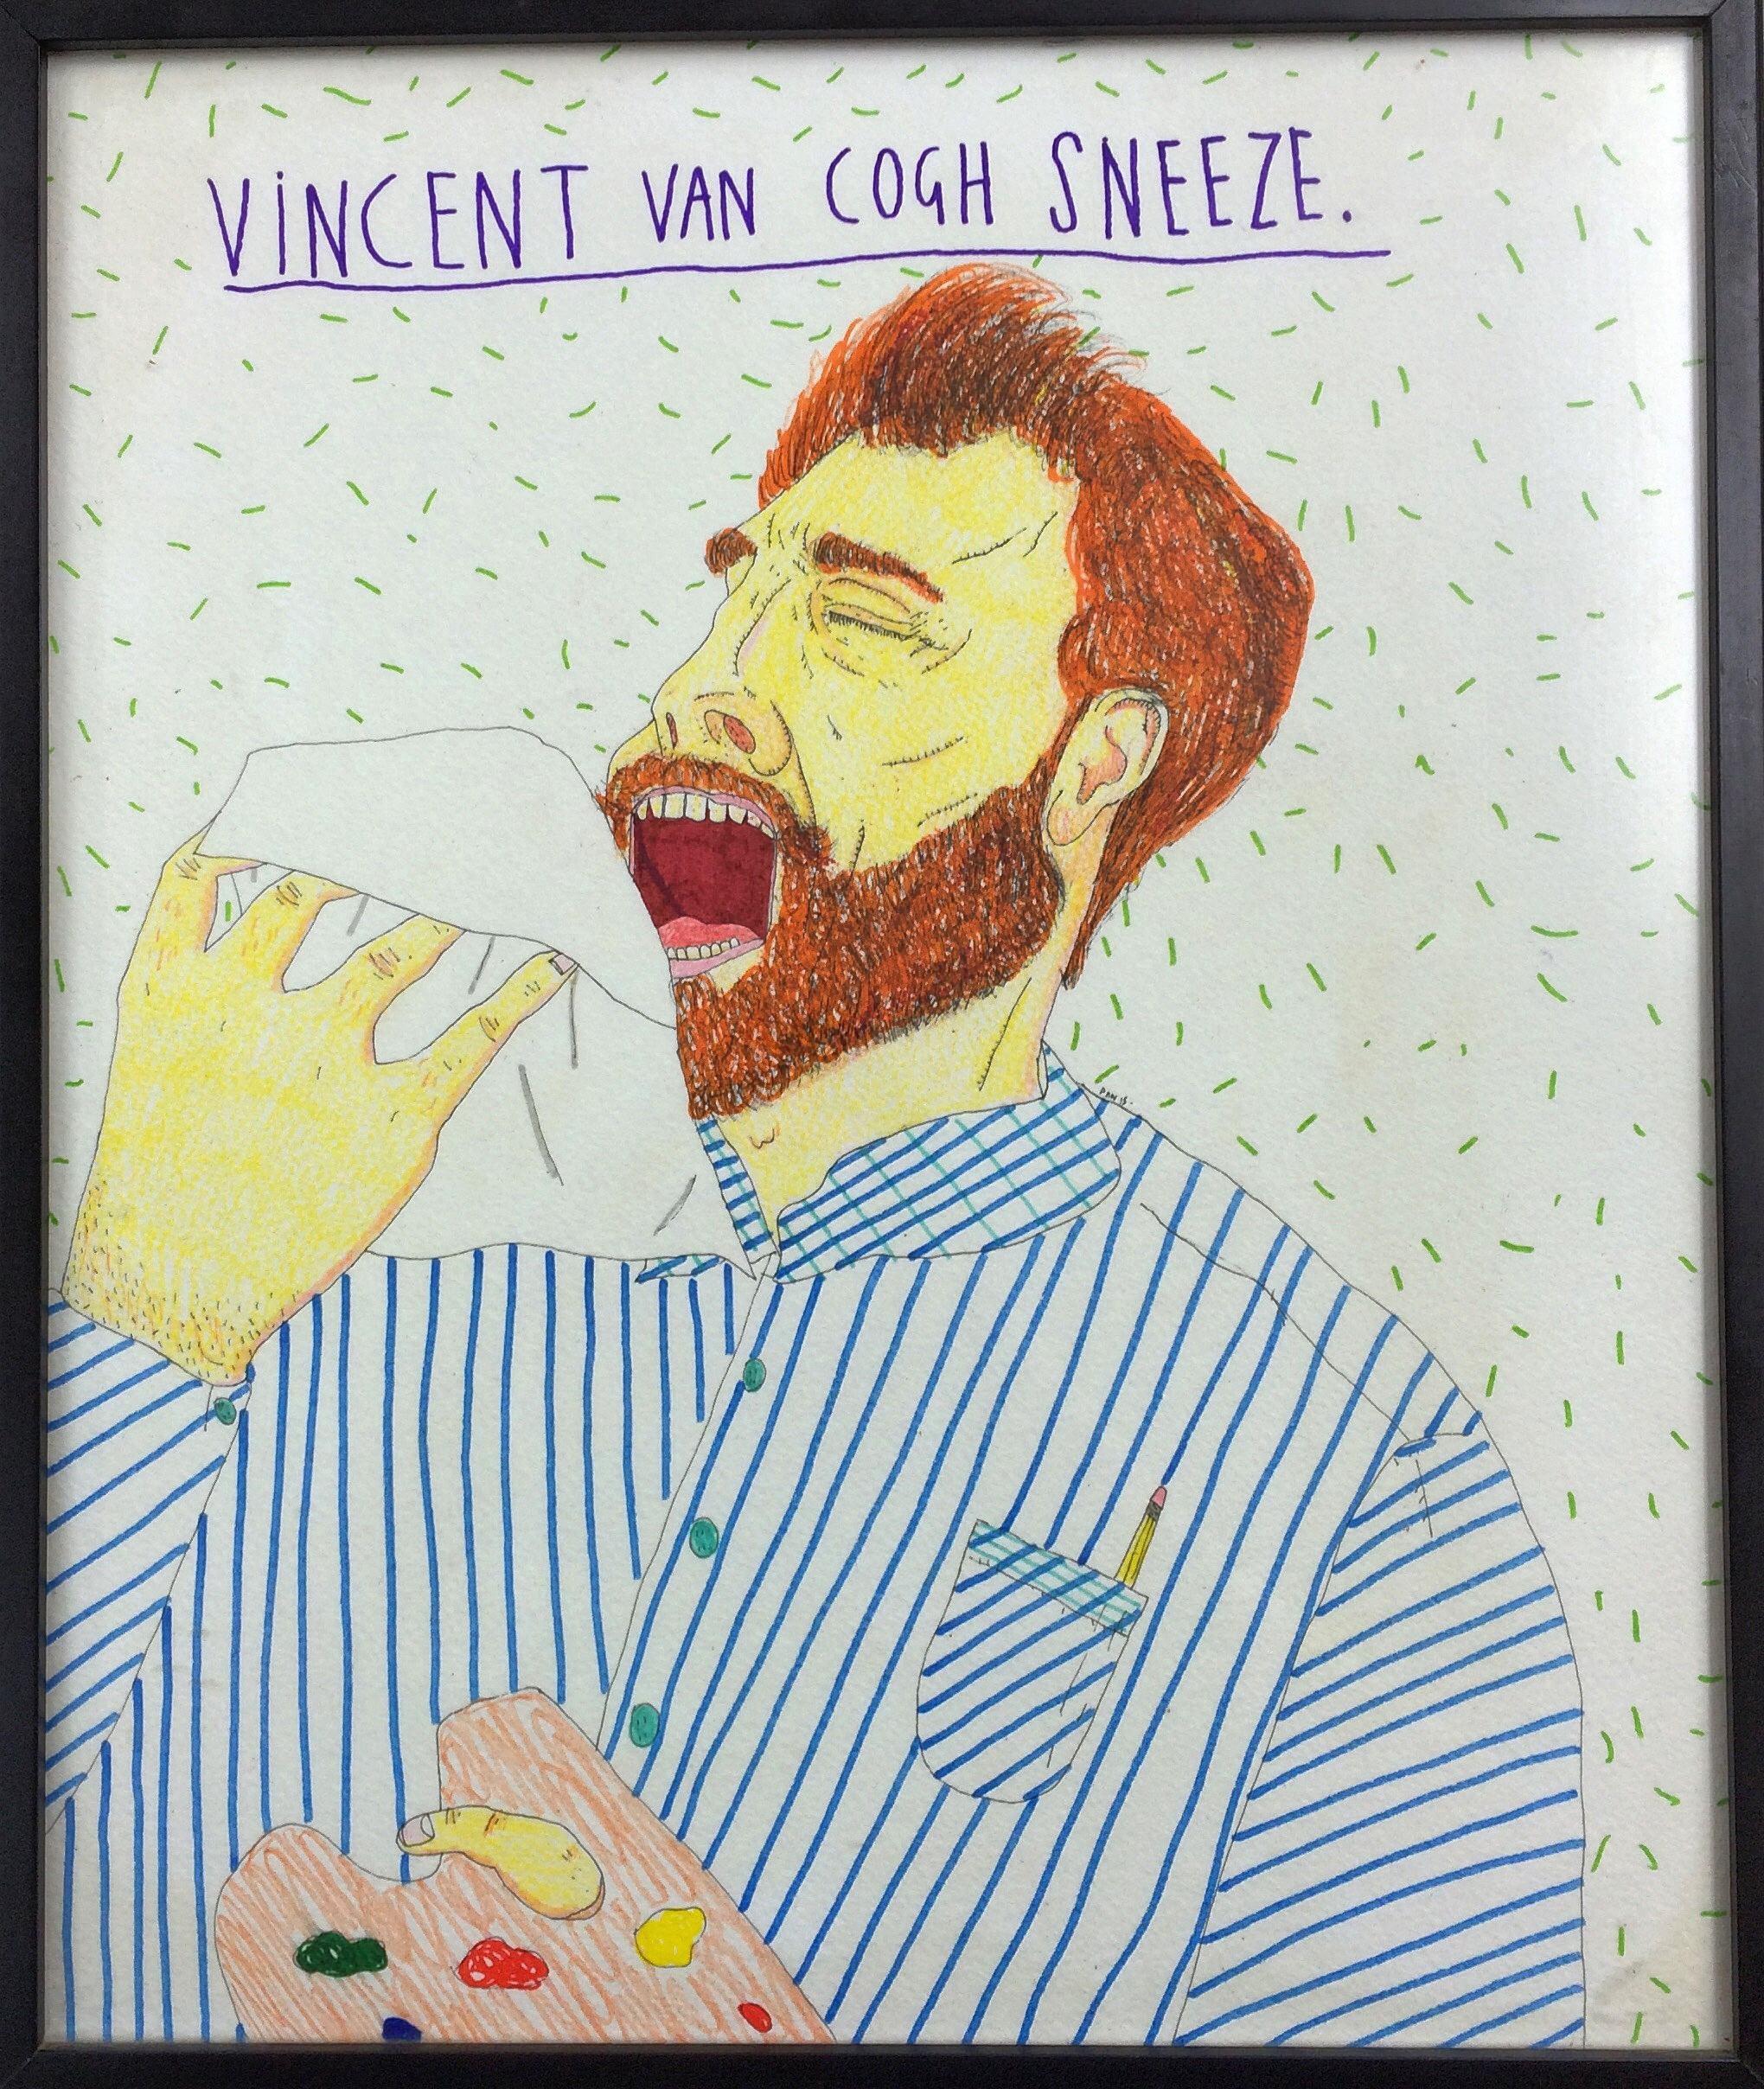 Vincent van Cogh Sneeze. 39 x 32 cm